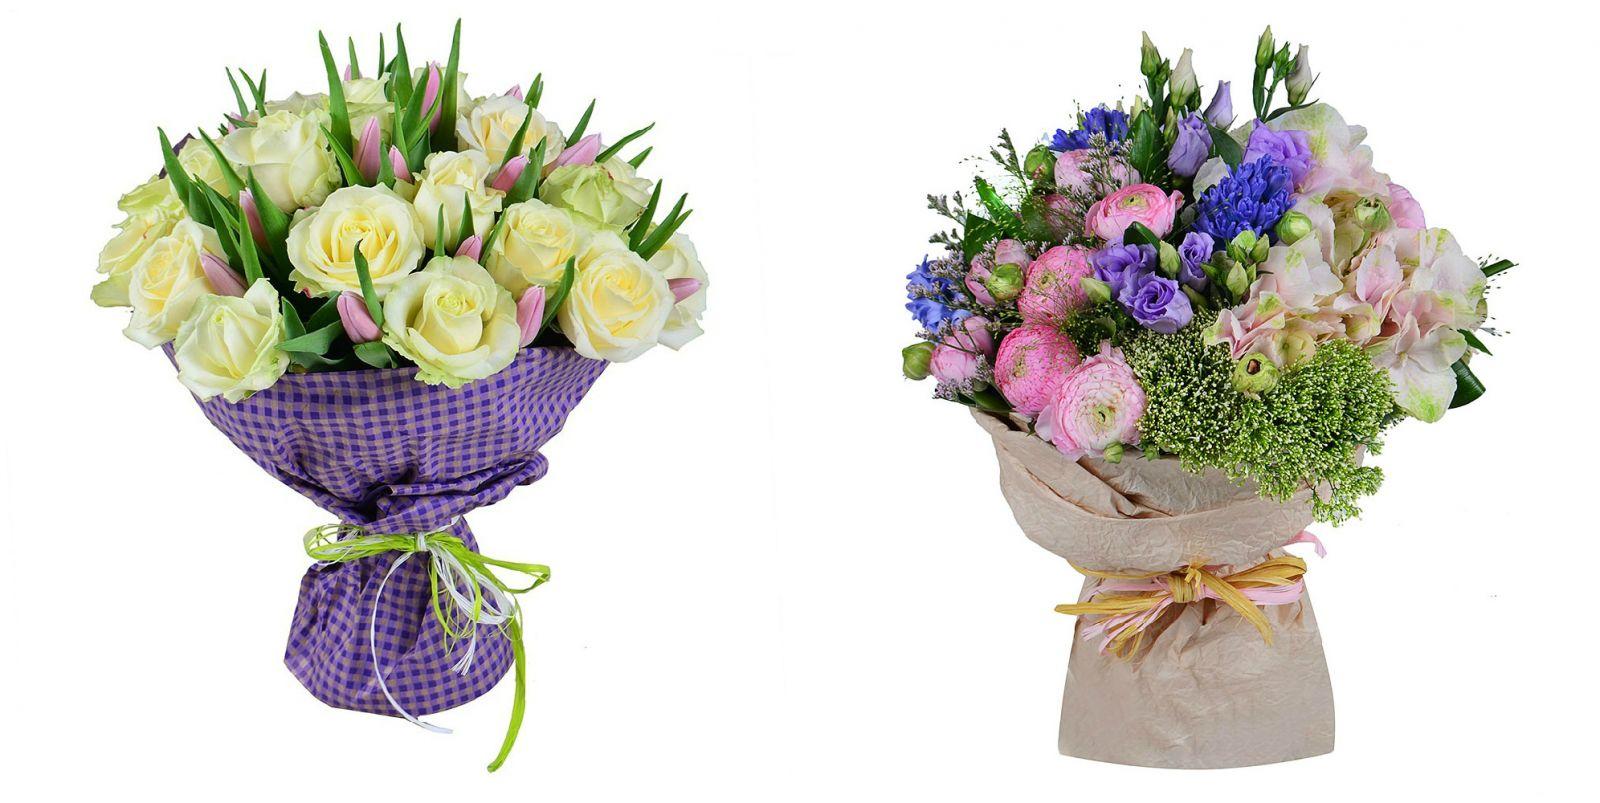 Подарок маме на день рождения букет цветов